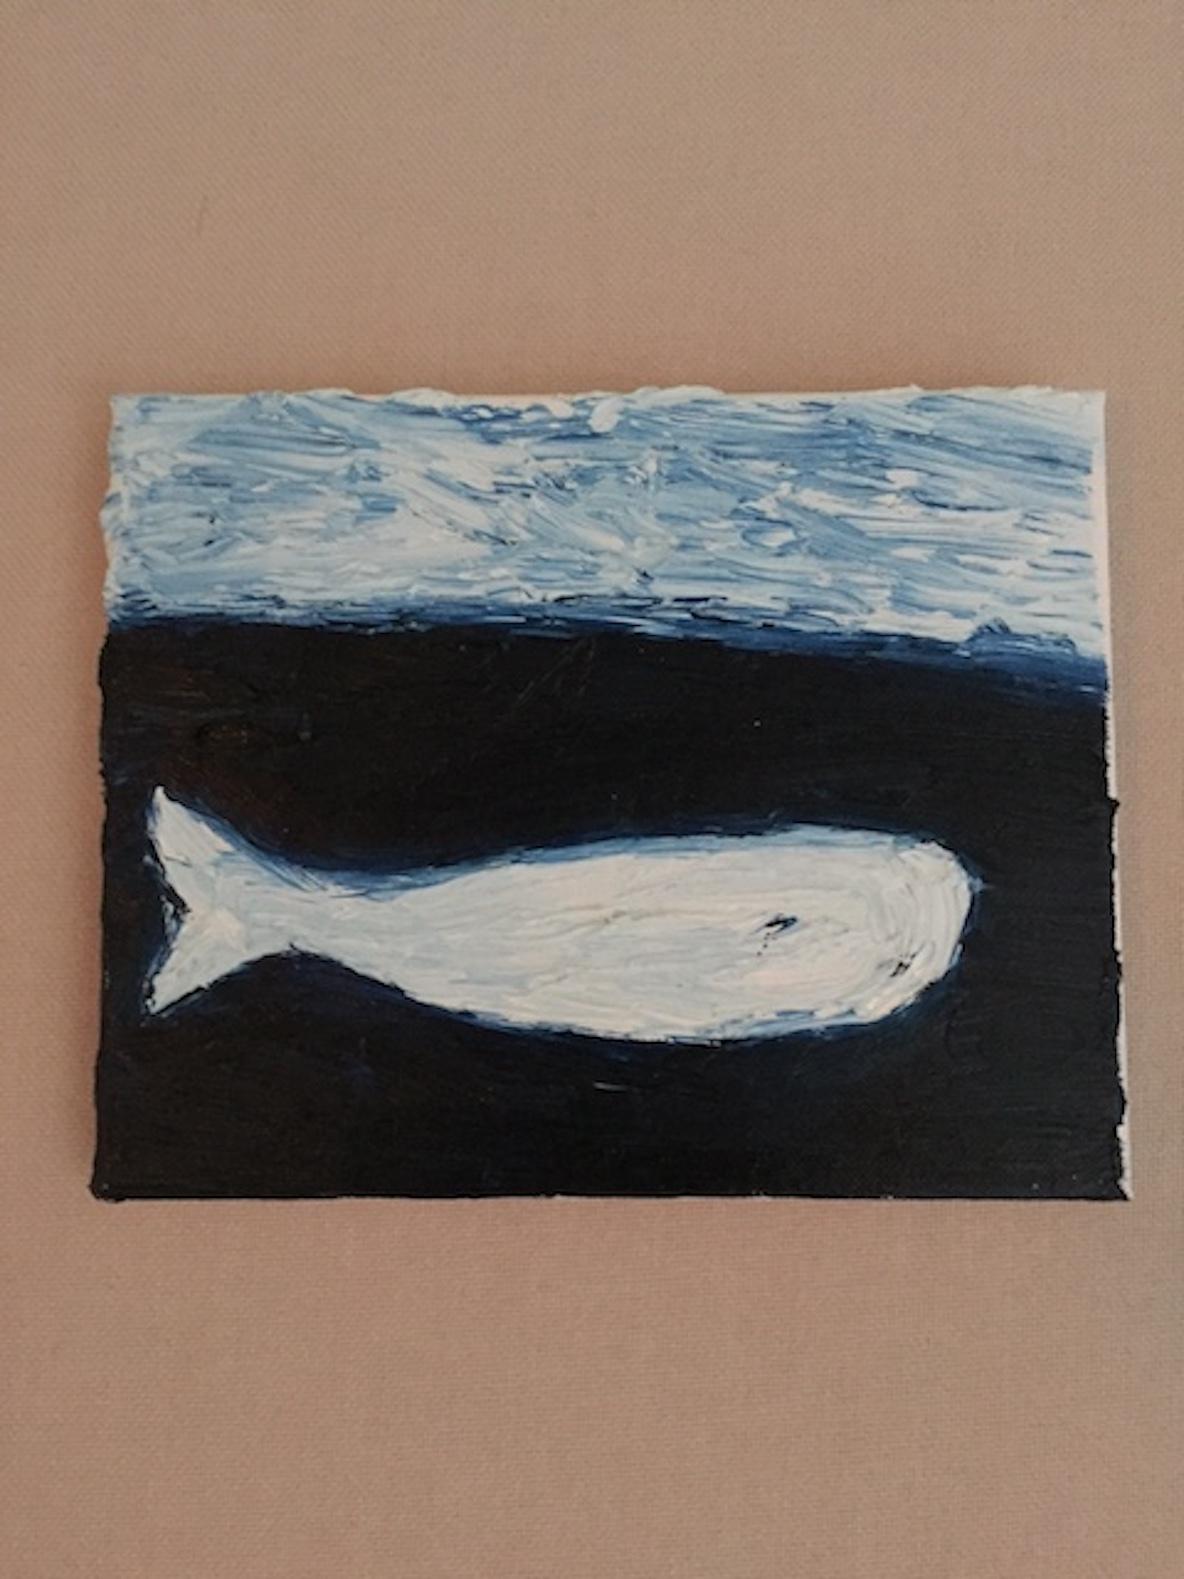 ニューヨーク・ブルックリンで暮らすアーティストが描いた水彩画